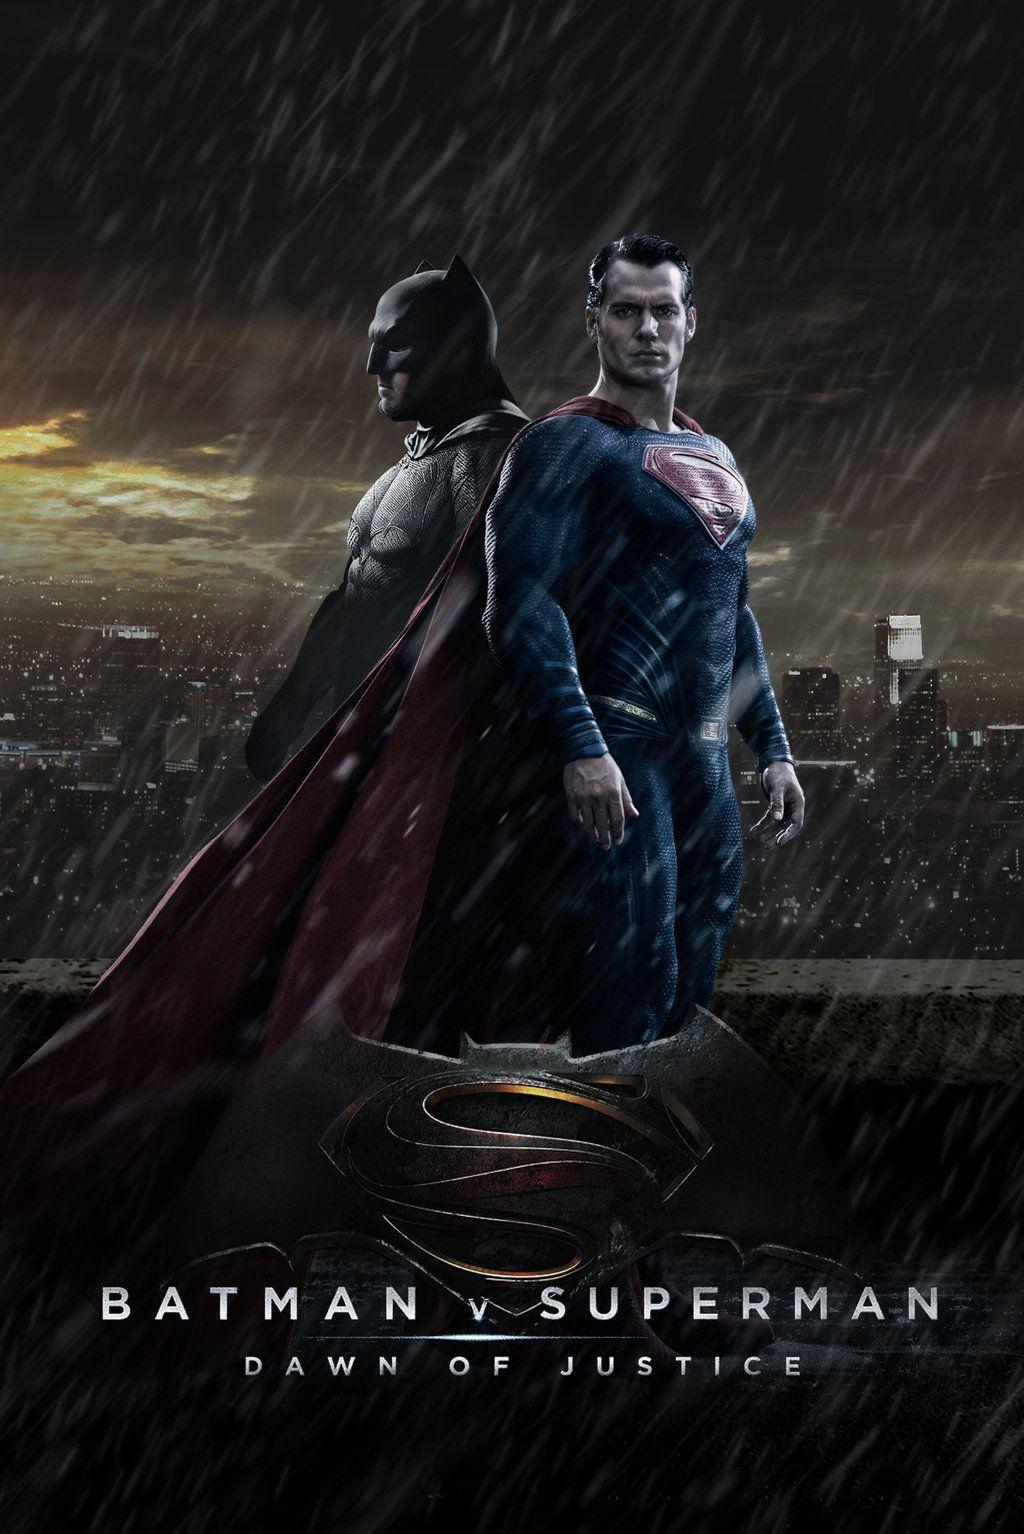 Batman Vs Superman Smartphone Wallpapers - Wallpaper Cave